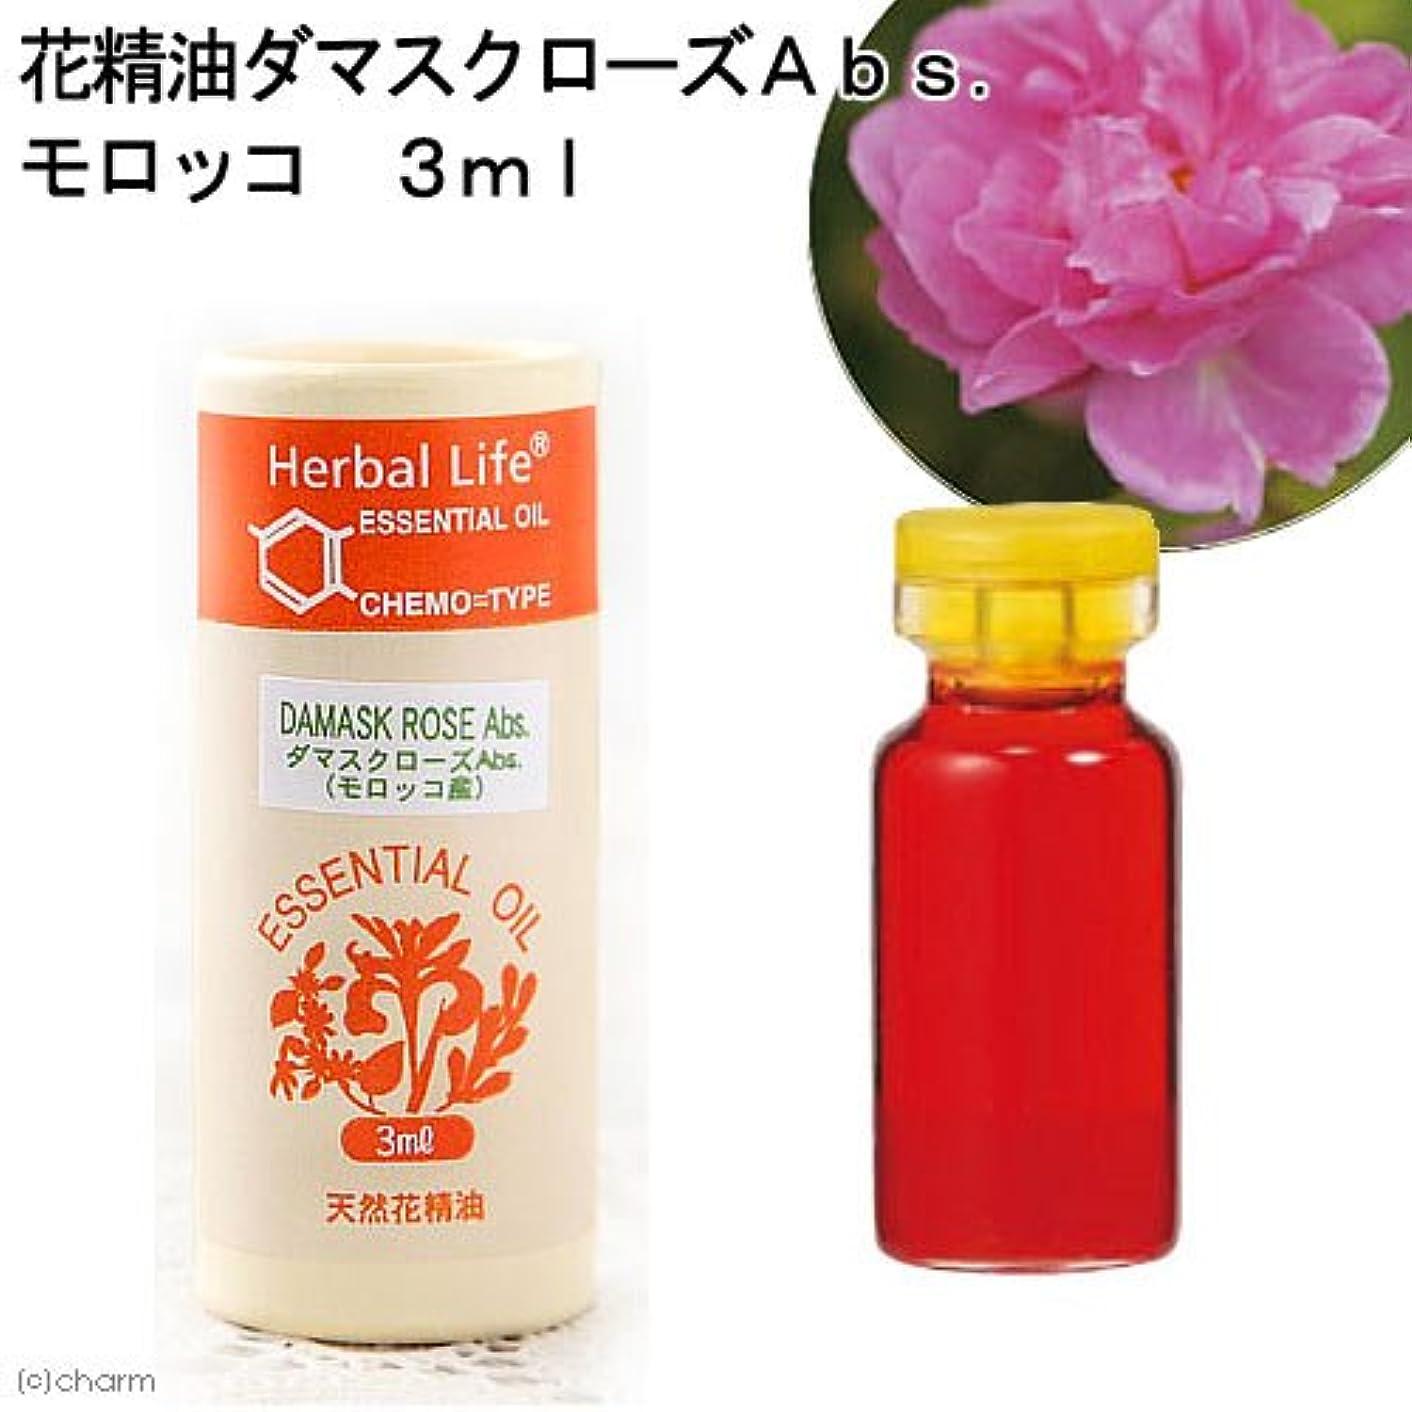 説明するつかむ一方、生活の木 C 花精油 ローズ アブソリュート (モロッコ) エッセンシャルオイル 3ml